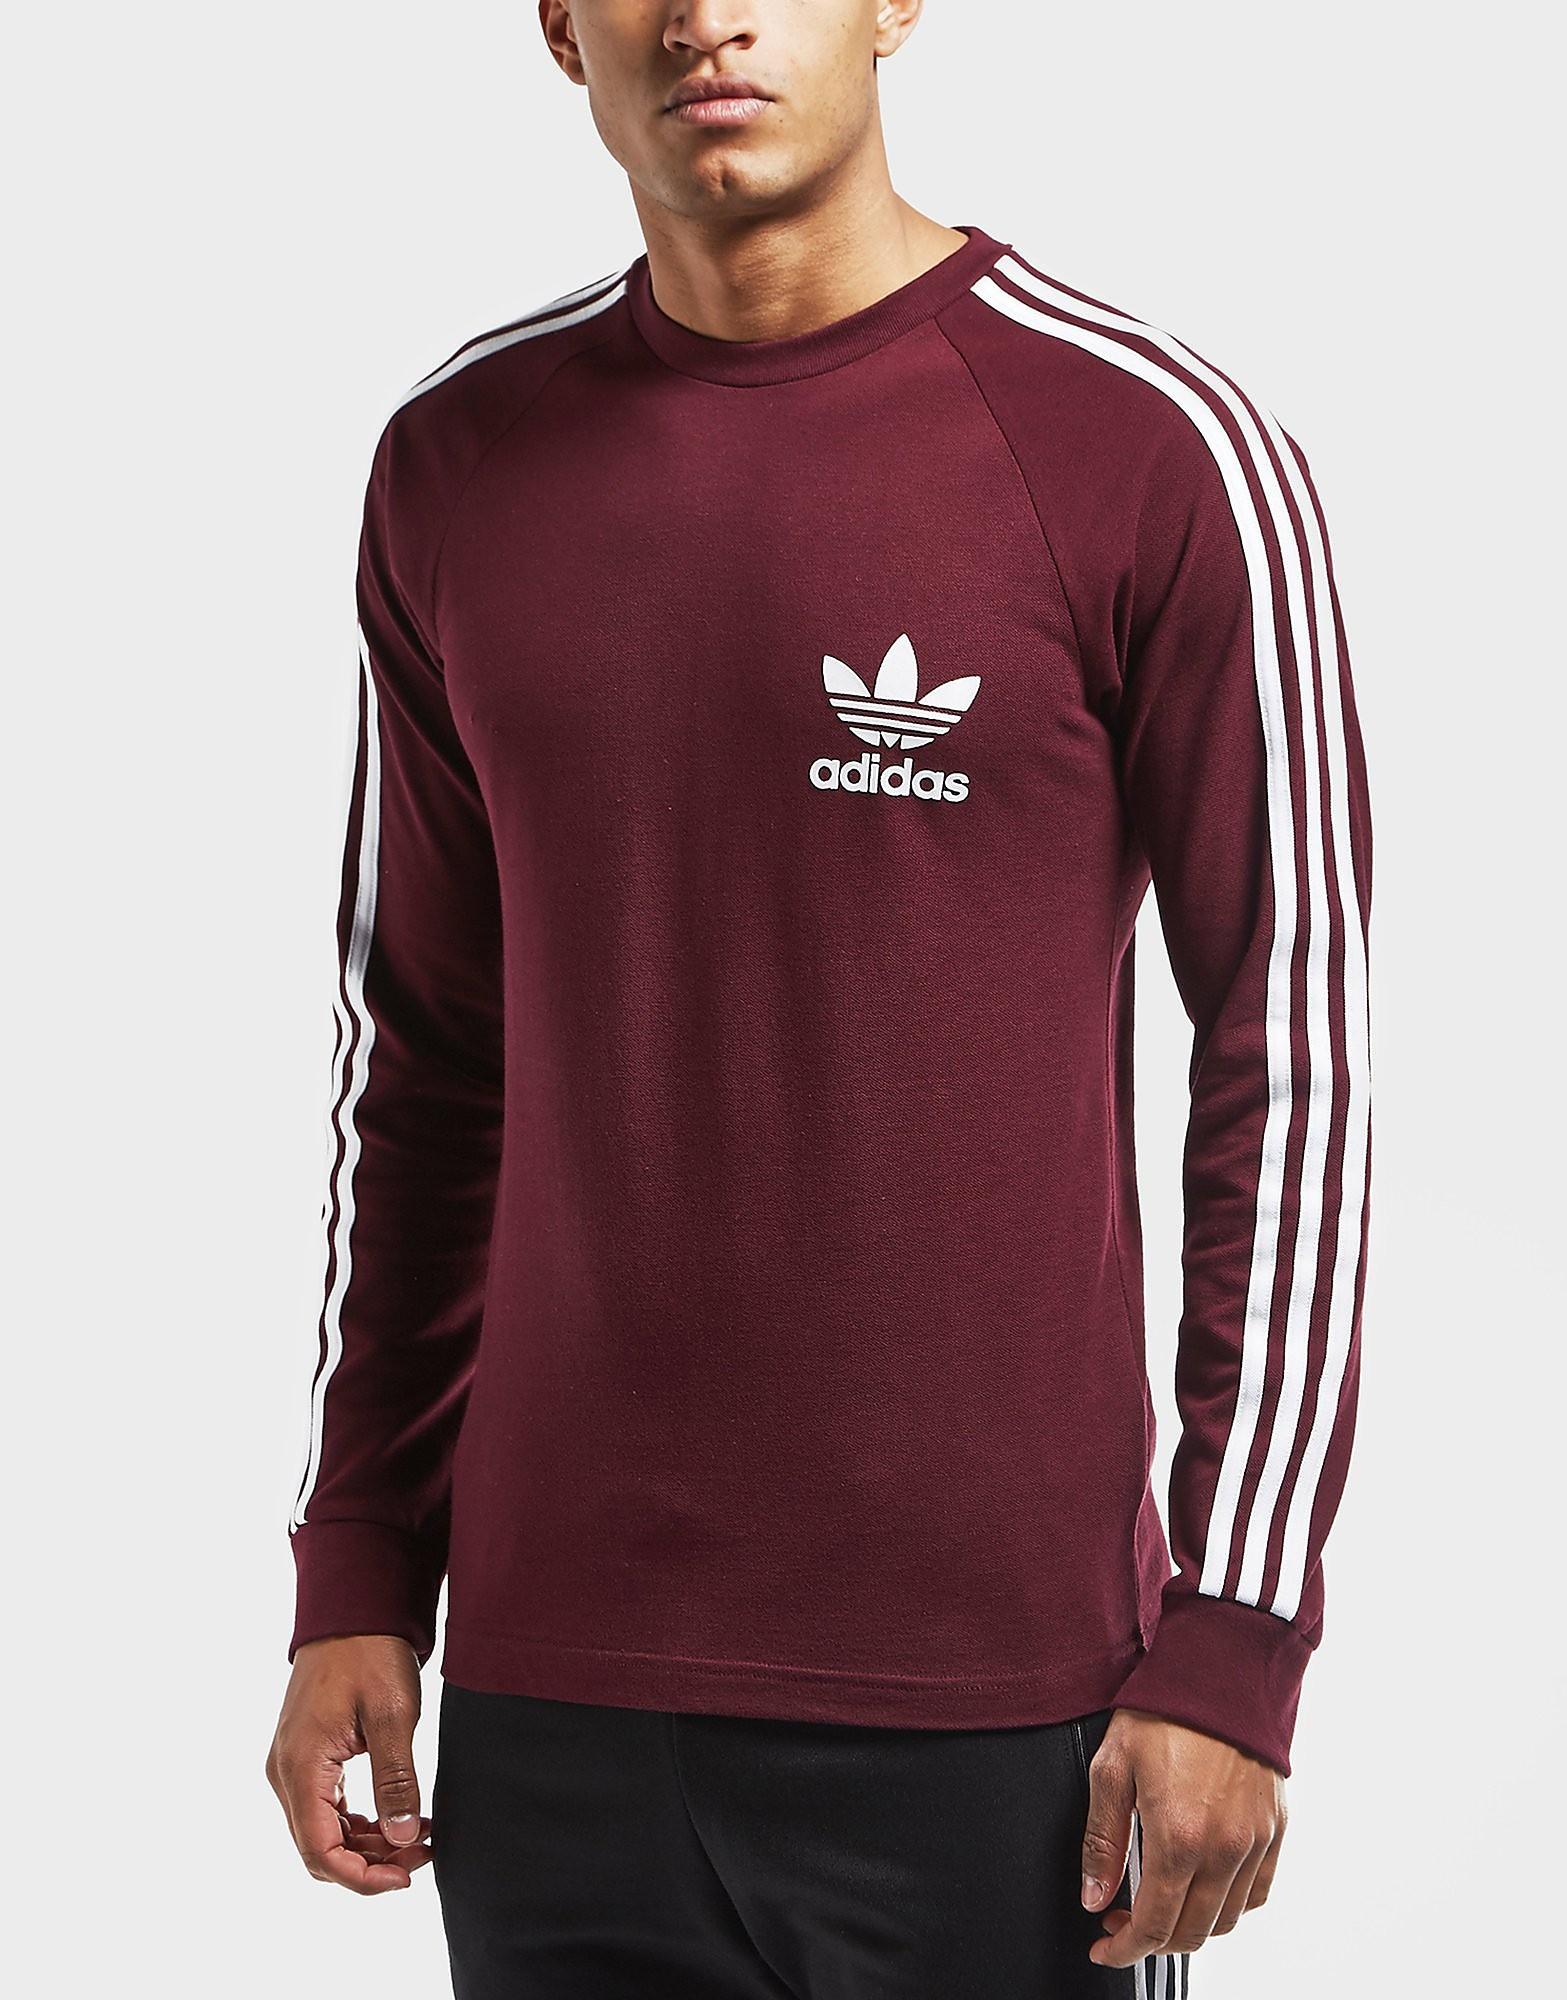 adidas Originals Pique Cali Long Sleeve T-Shirt